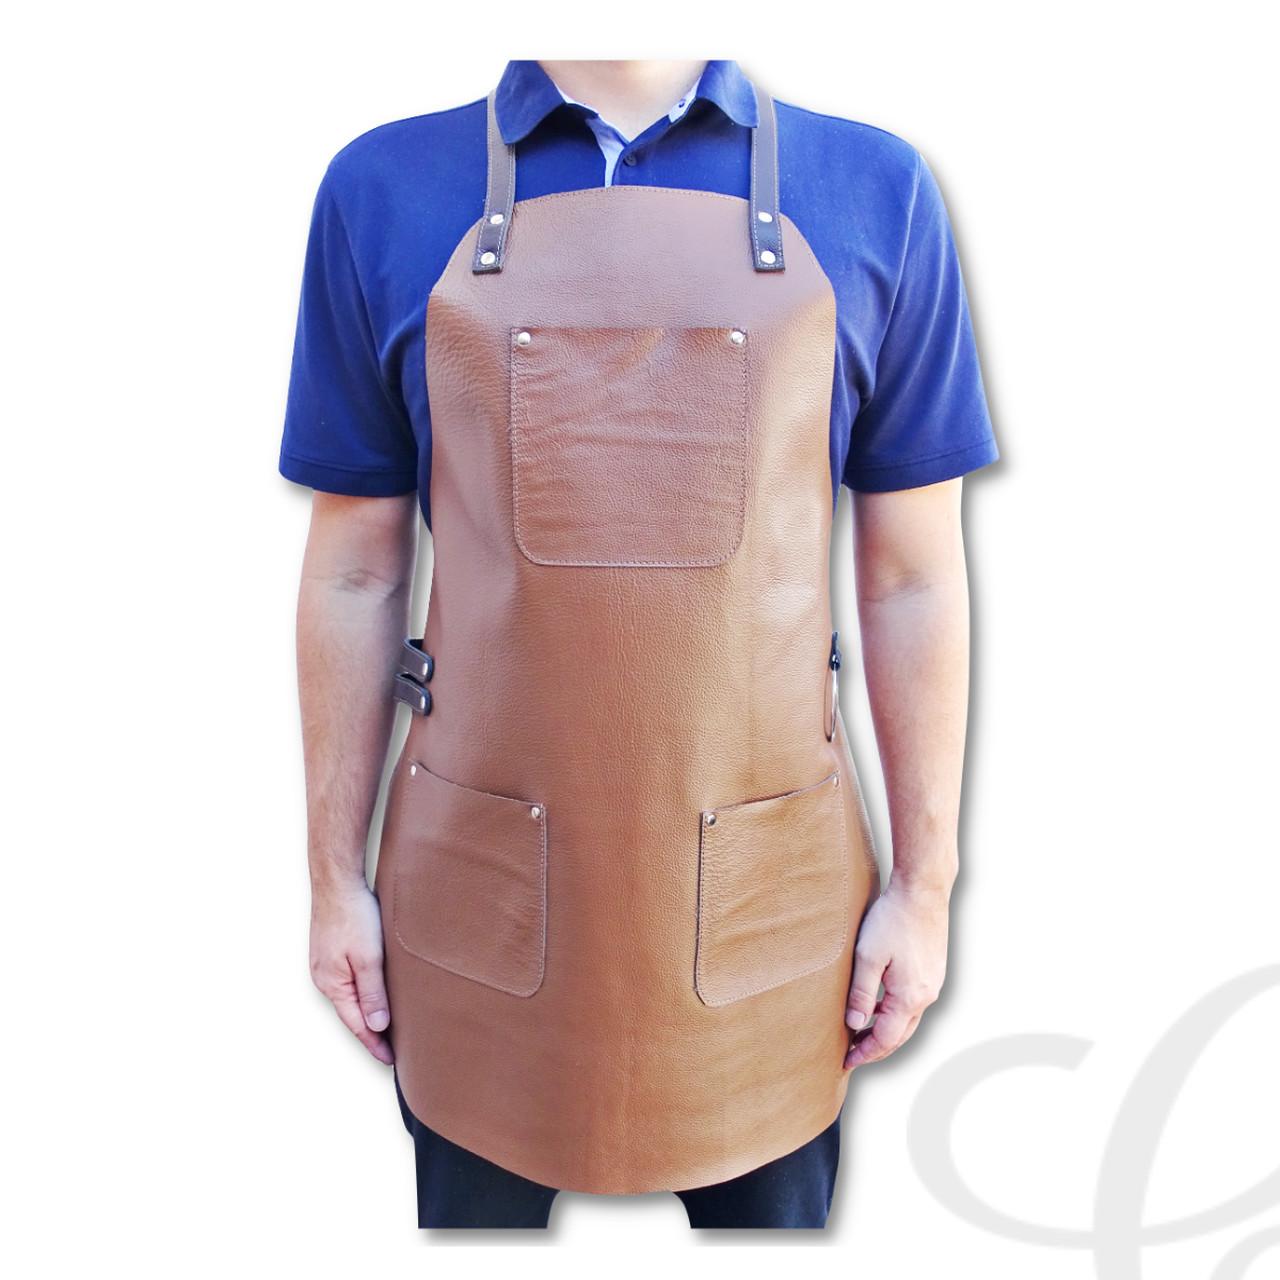 Avental de Churrasco em Couro Churrasqueiro Assador Chefe de Cozinha Premium